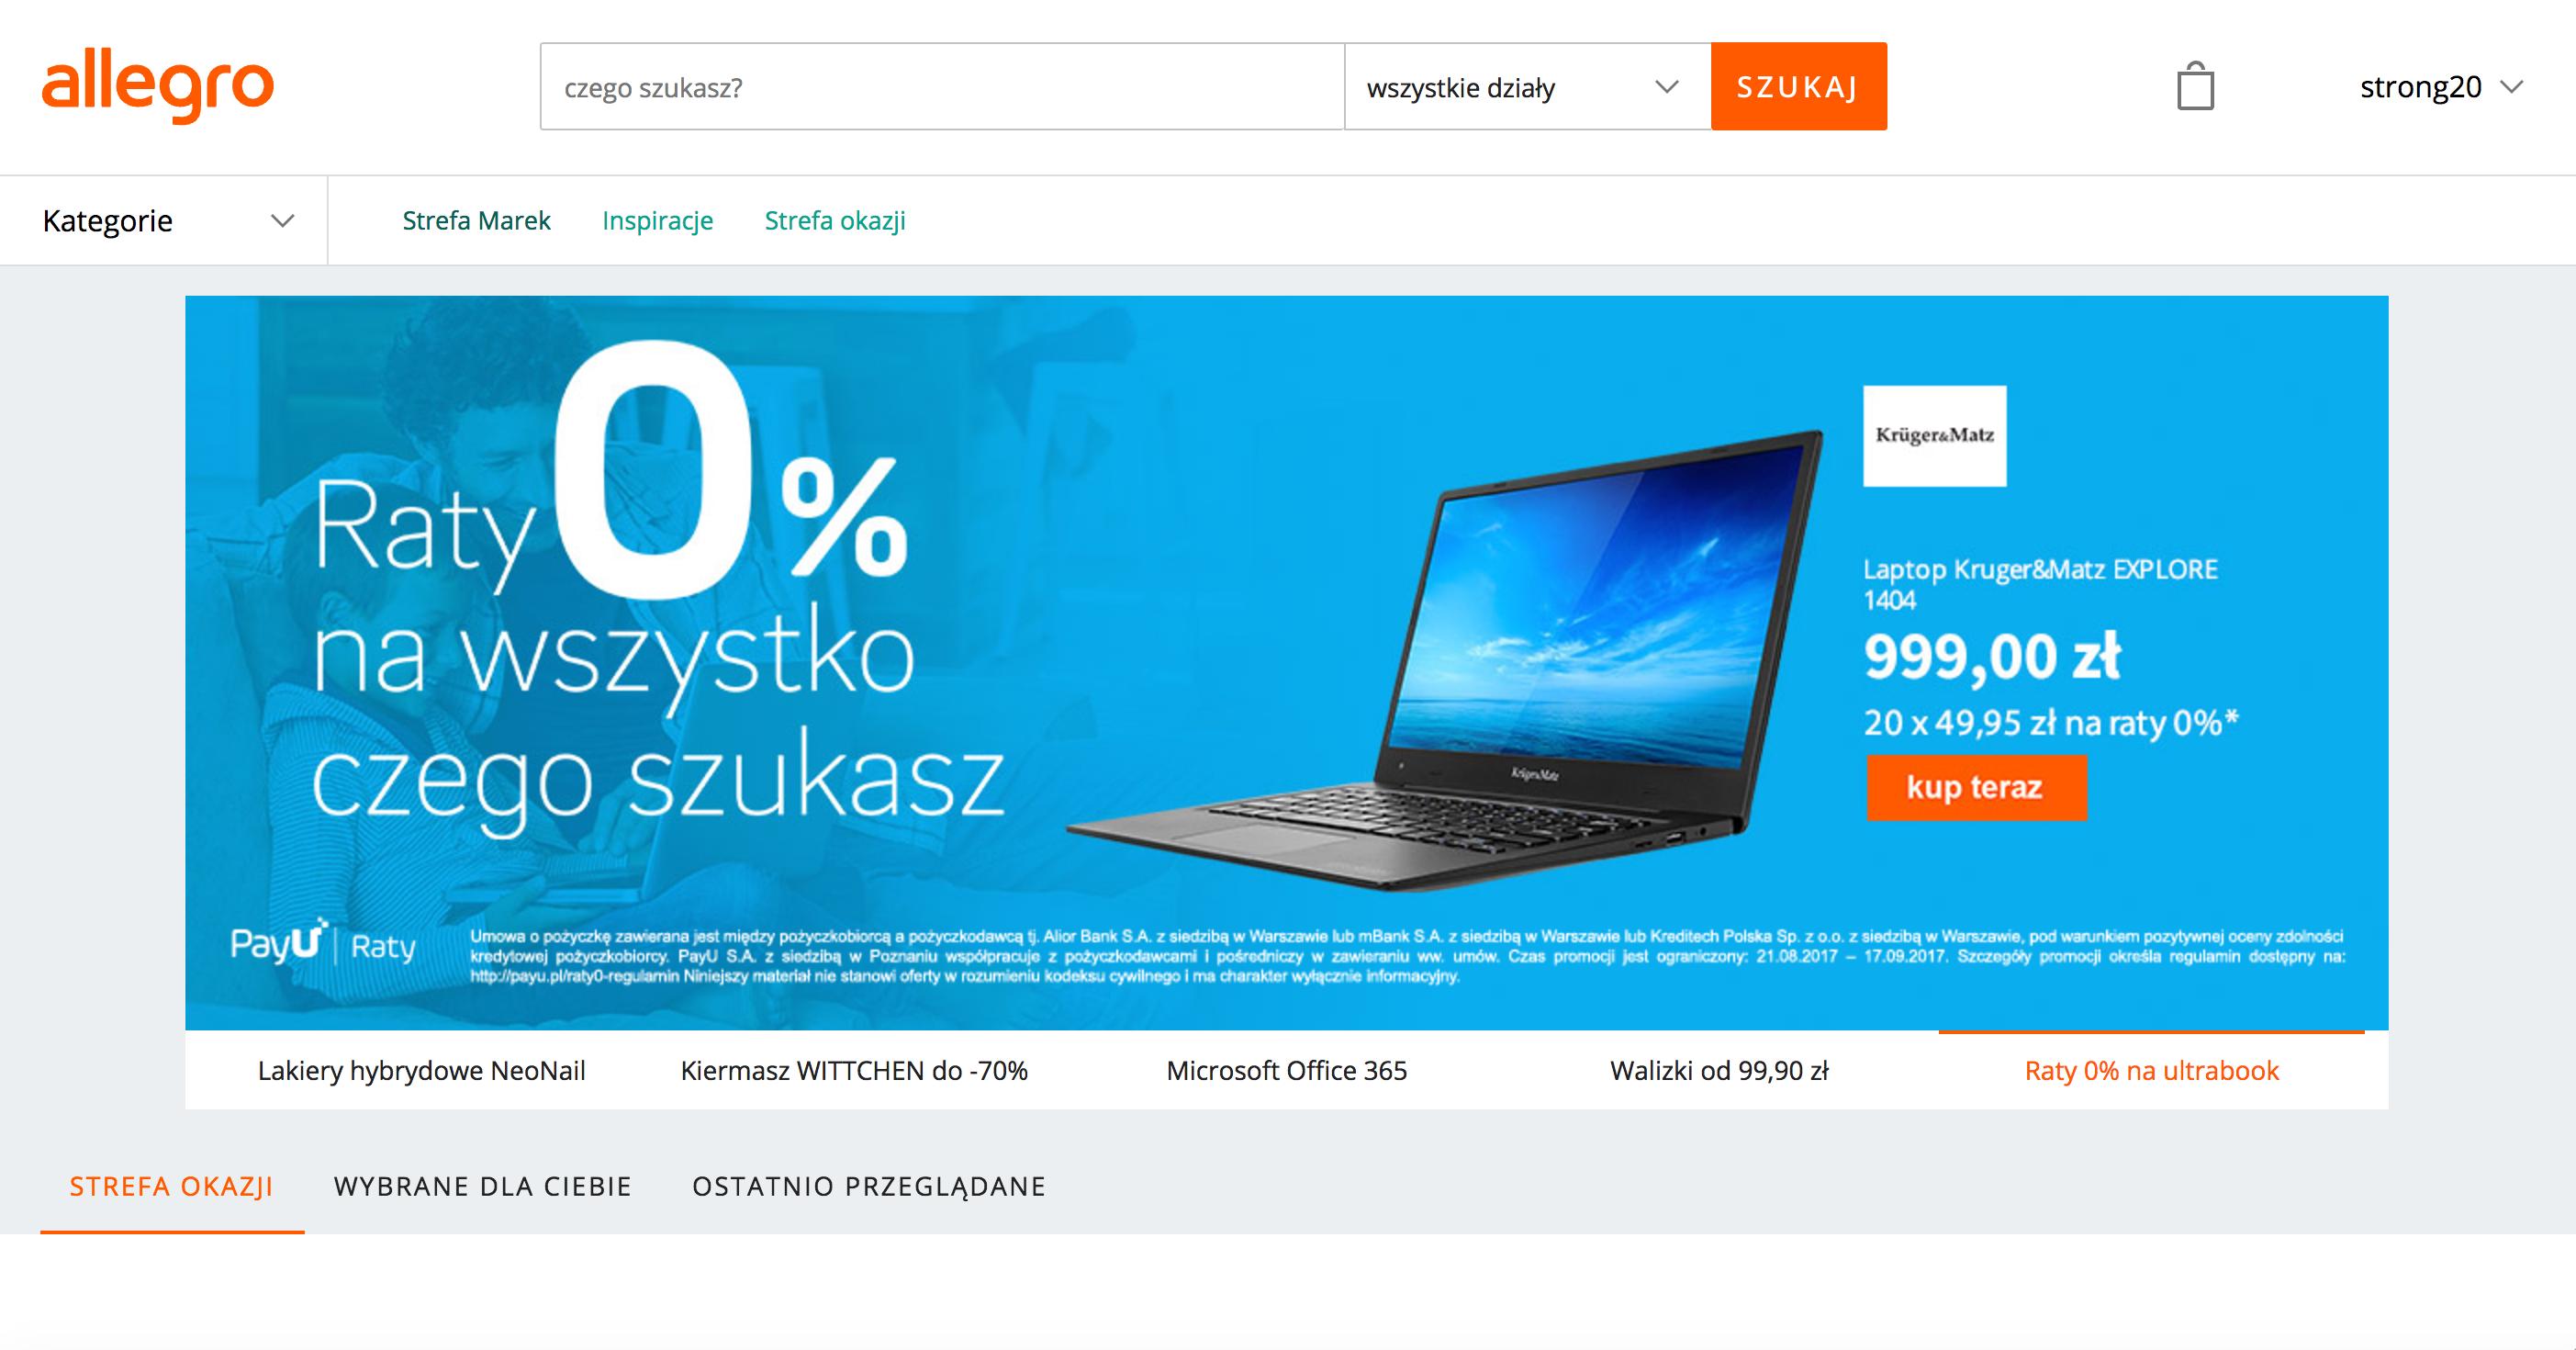 kohe-allegro.pl